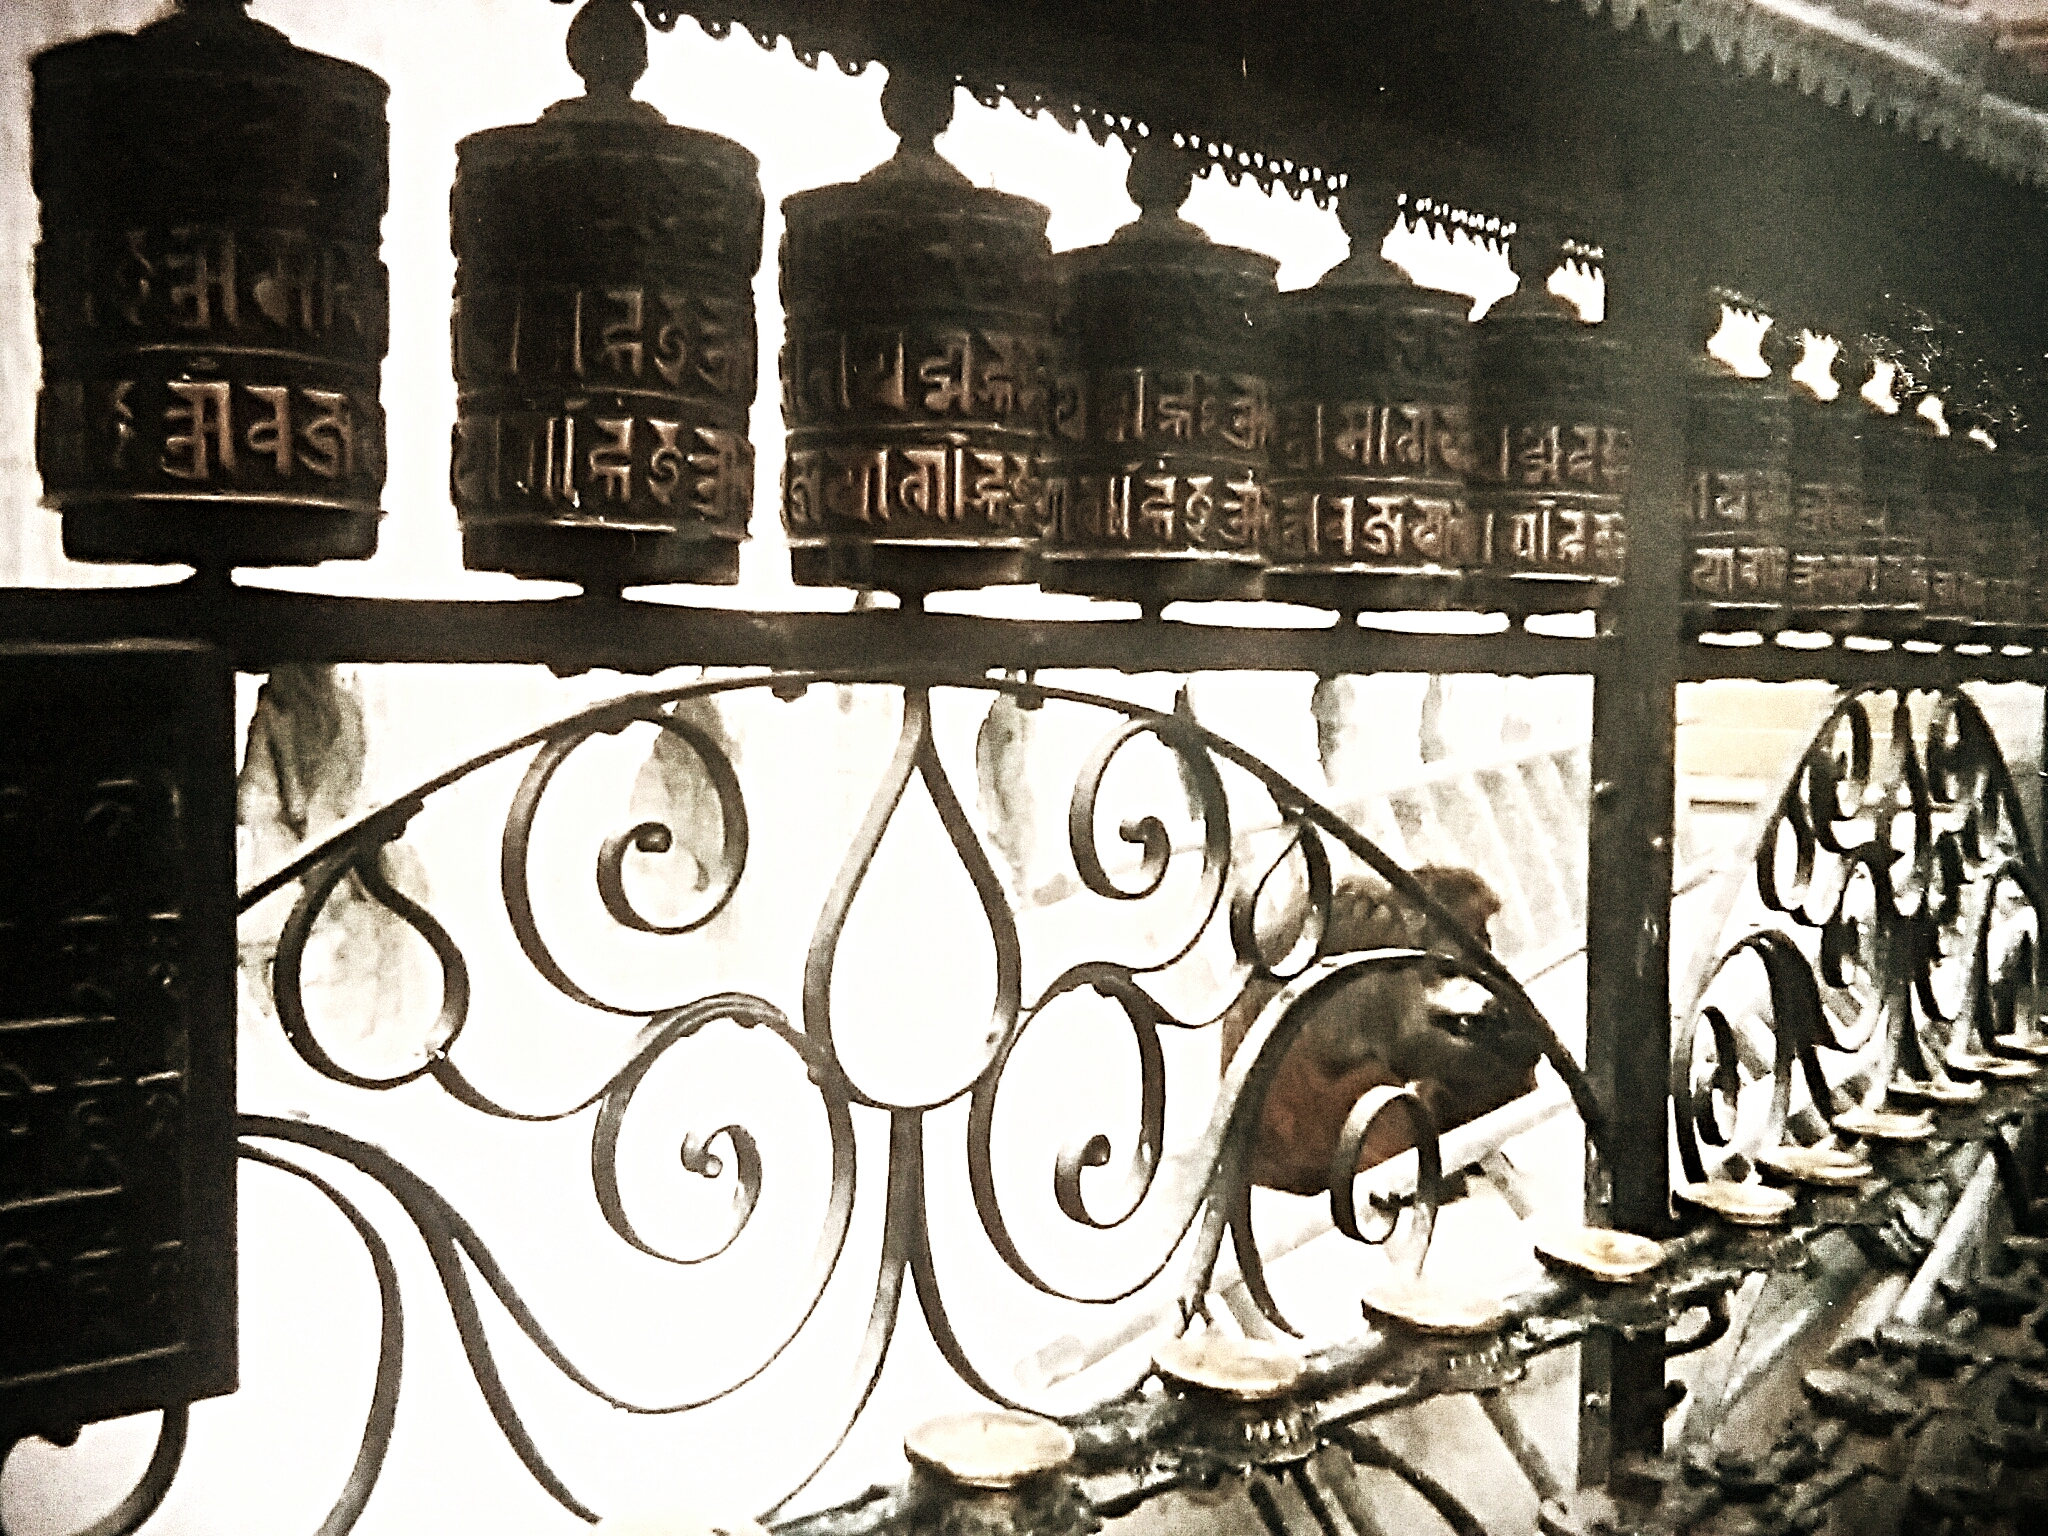 ネパールやチベットの旅おすすめポイント『マ二車は神々の小宇宙』